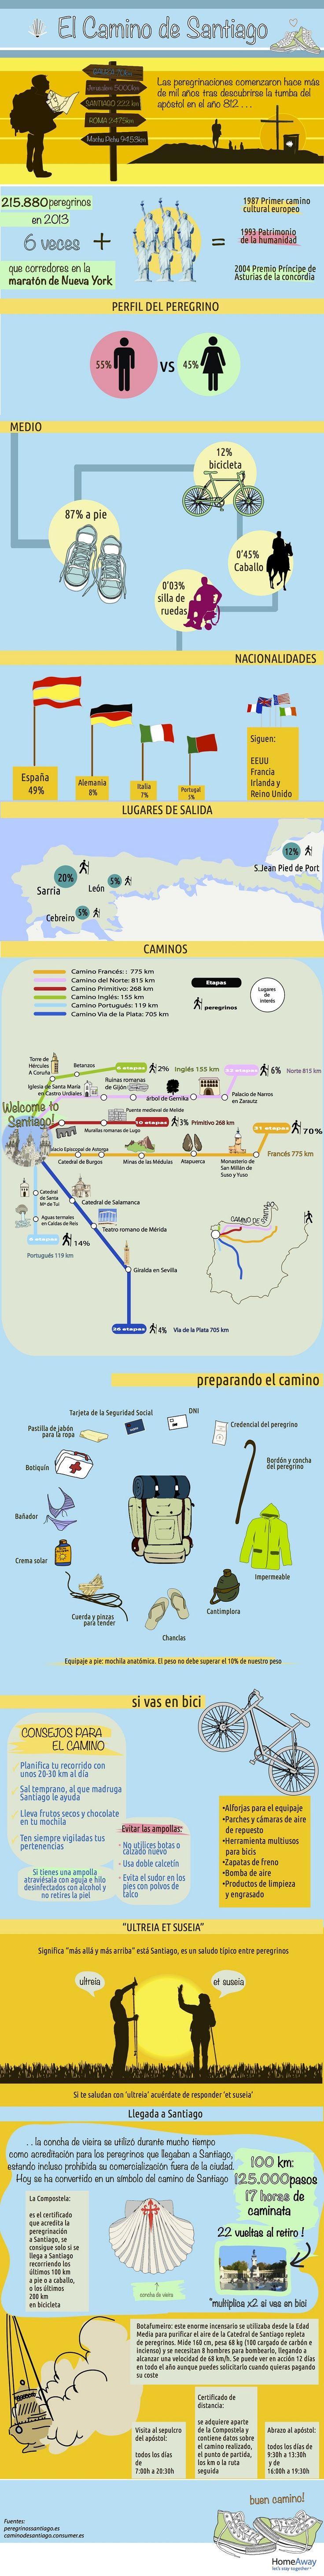 Camino de Santiago: Etapas y Rutas del peregrino